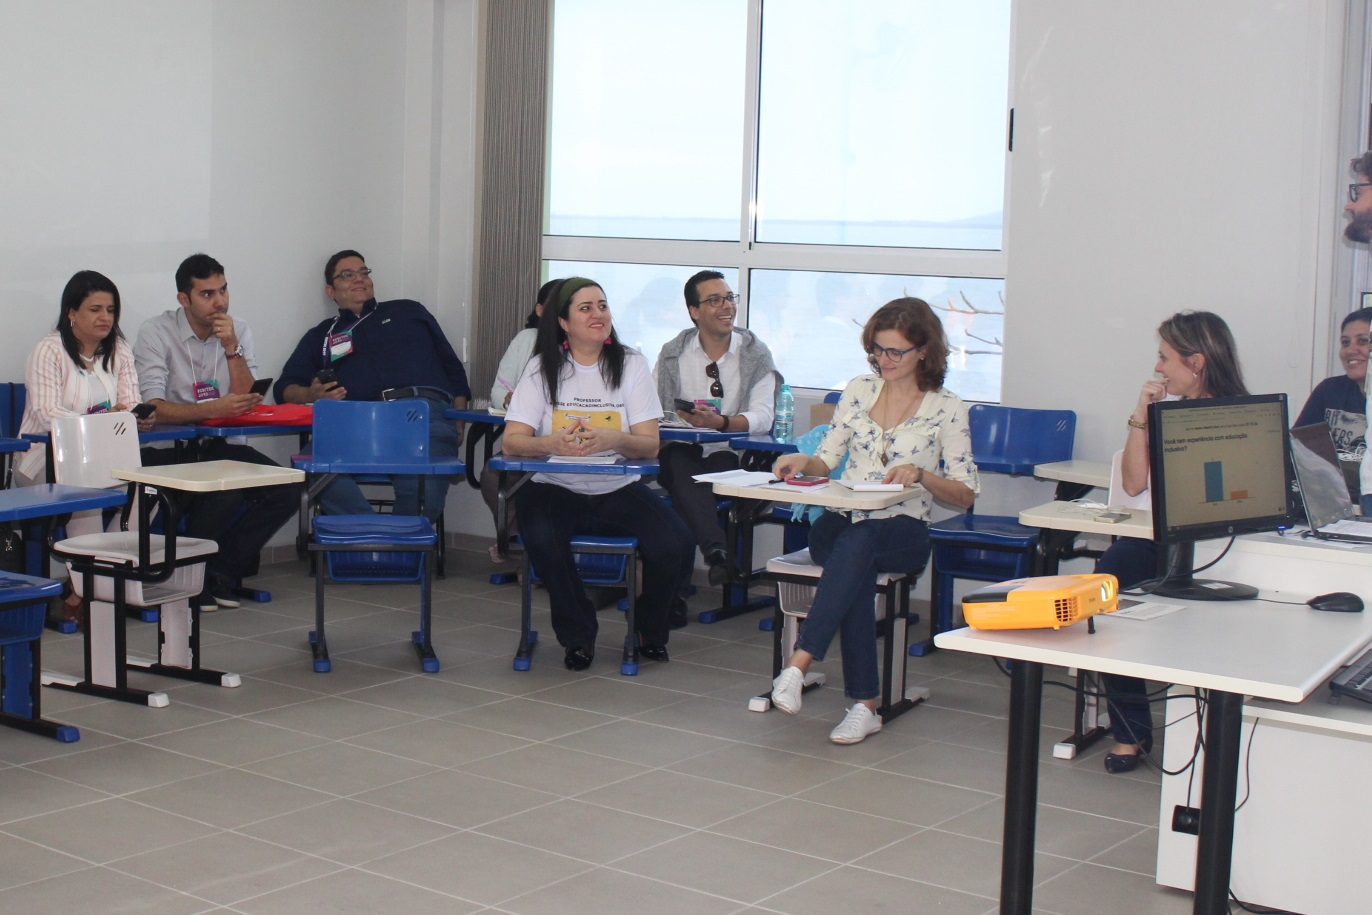 Oficina 2 - Plataforma Colaborativa de Práticas Educacionais Inclusivas (3)